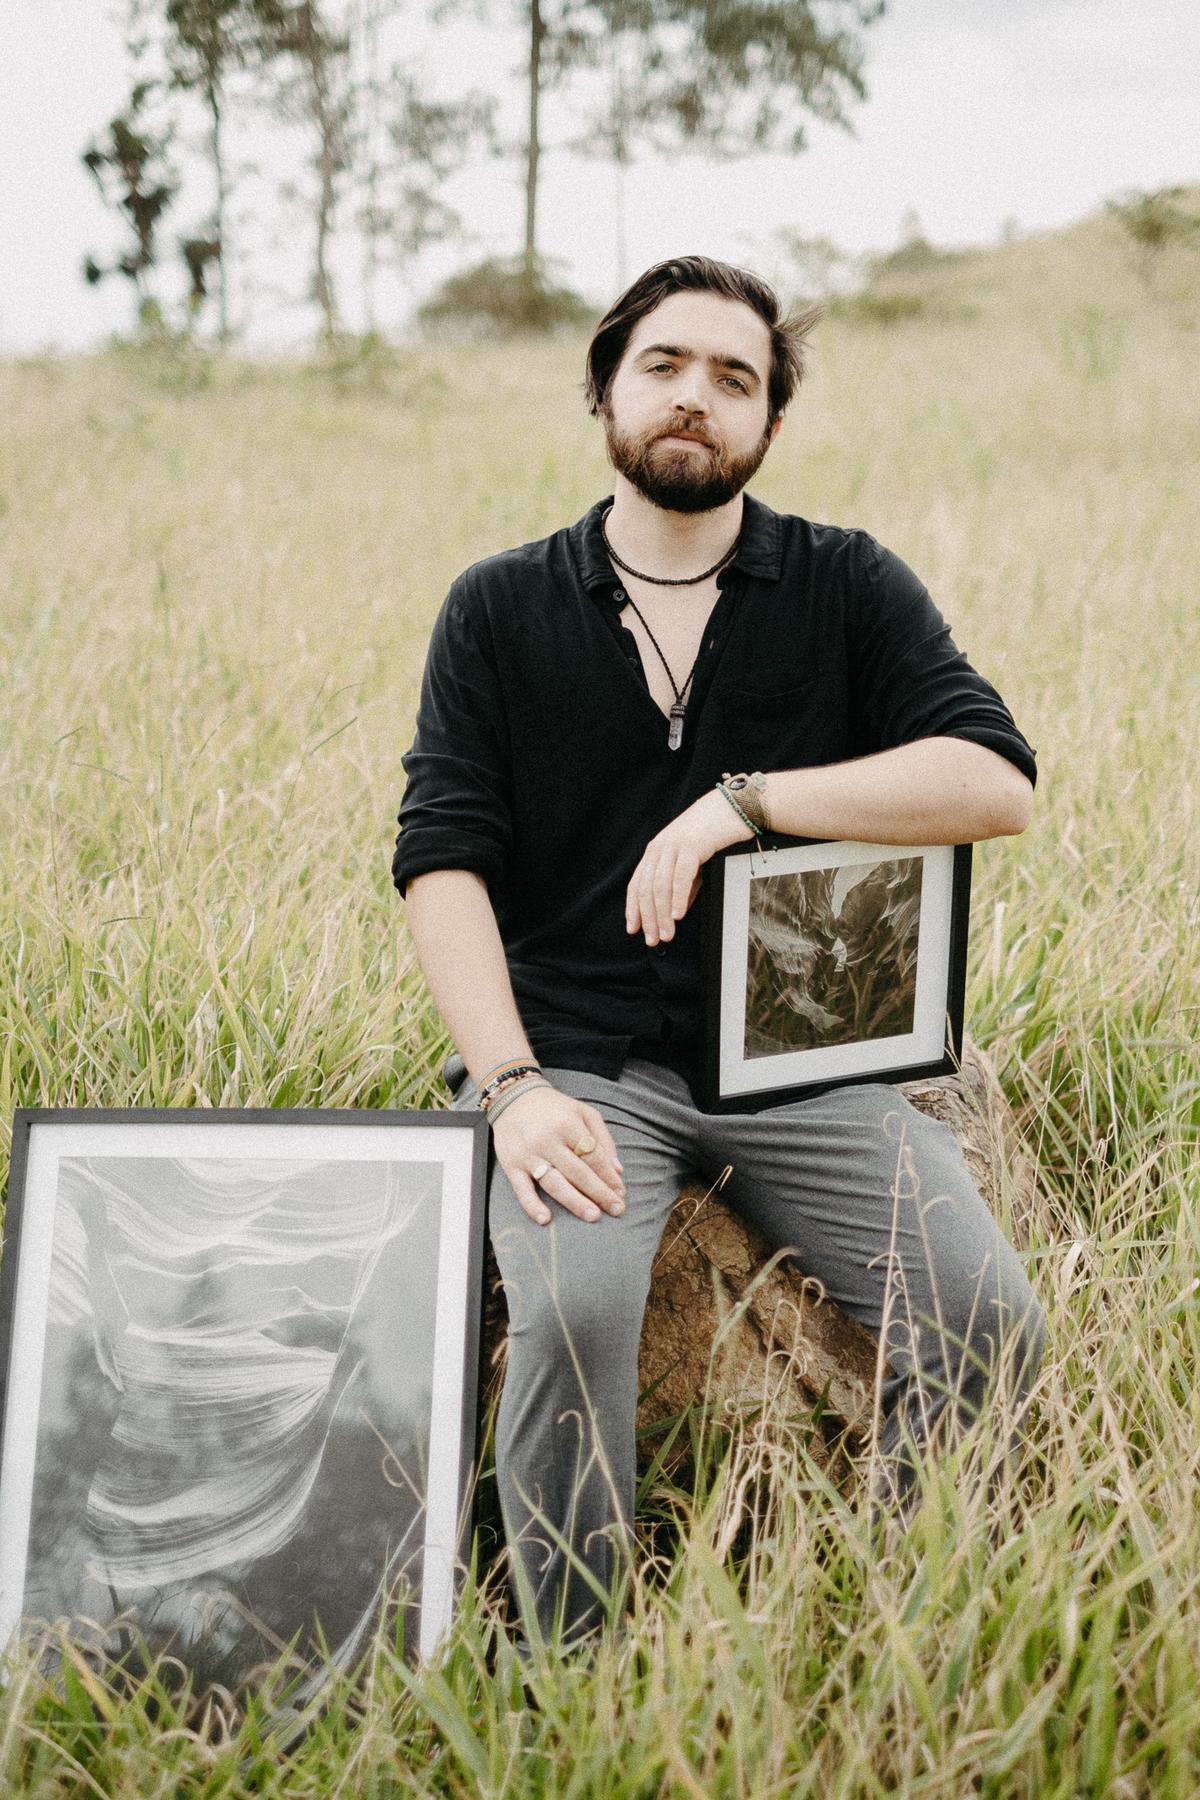 noivo fotografo ideias para ensaios fotografia por caio henrique fotografo de casamento  morro do capuava elopment fotografia autoral noivo artista